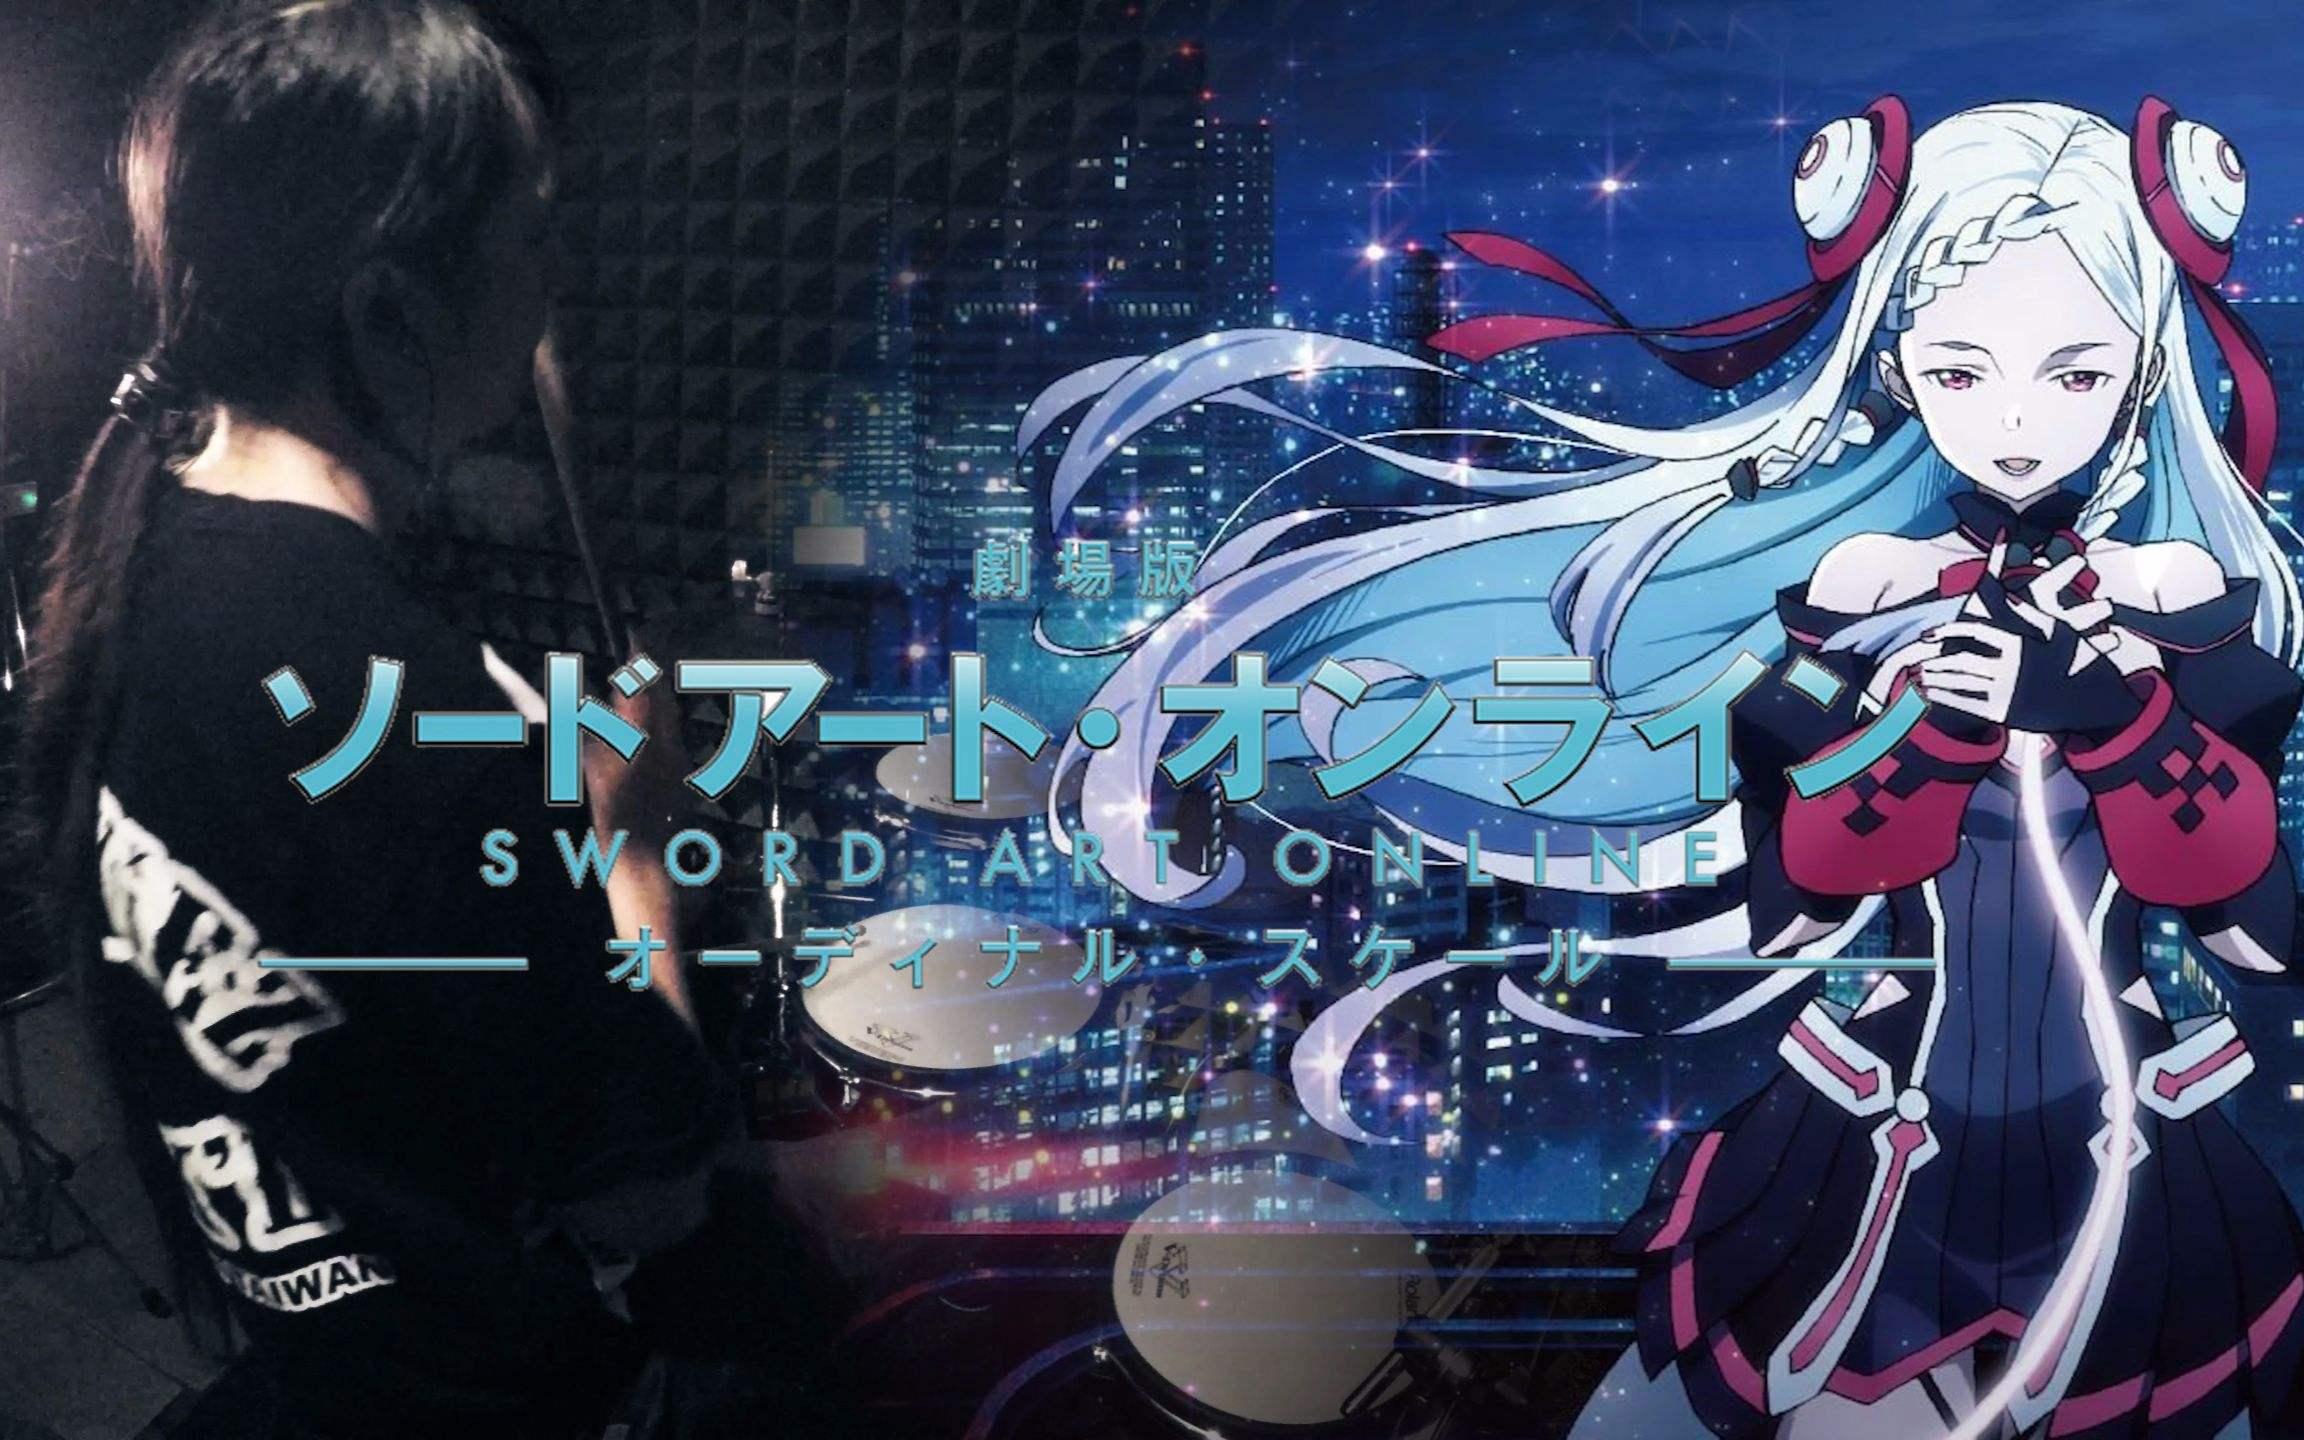 「Catch the Moment」刀剑神域:序列之争主题曲 在线赏析下载 SAO